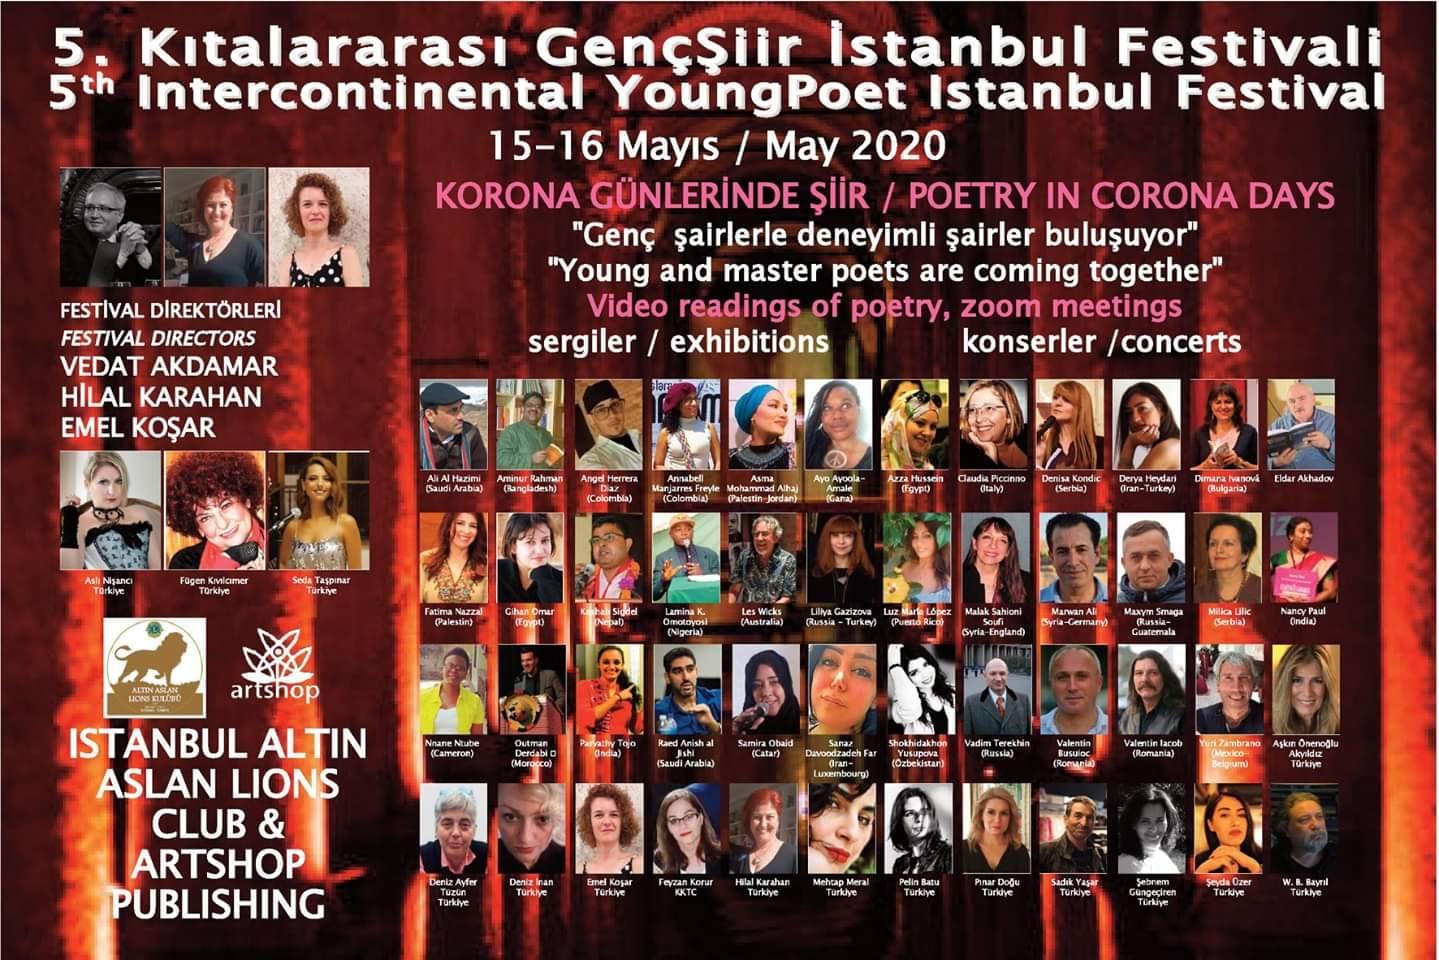 Istambul may 2020